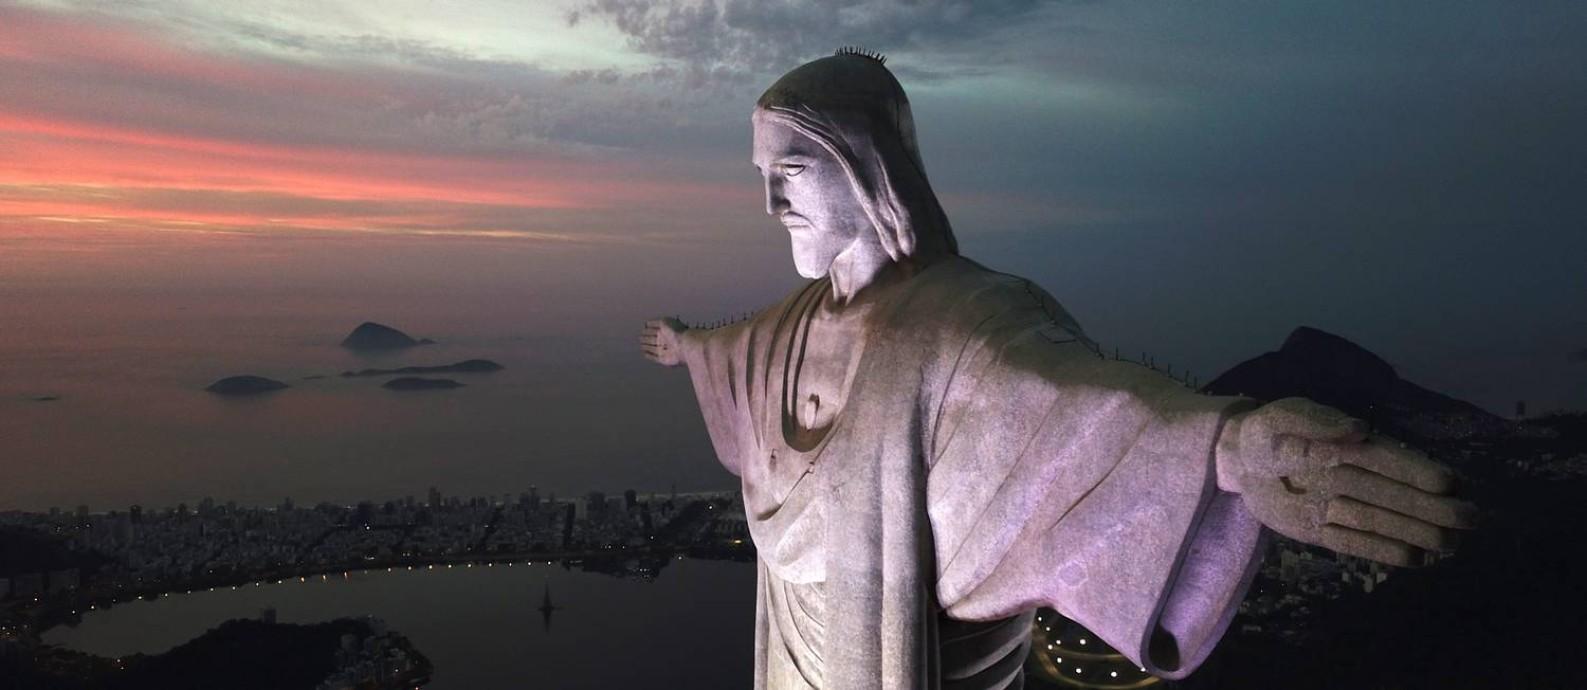 O monumento do Cristo Redentor, um dos mais belos cartões-postais do Rio Foto: Custódio Coimbra / Agência O Globo